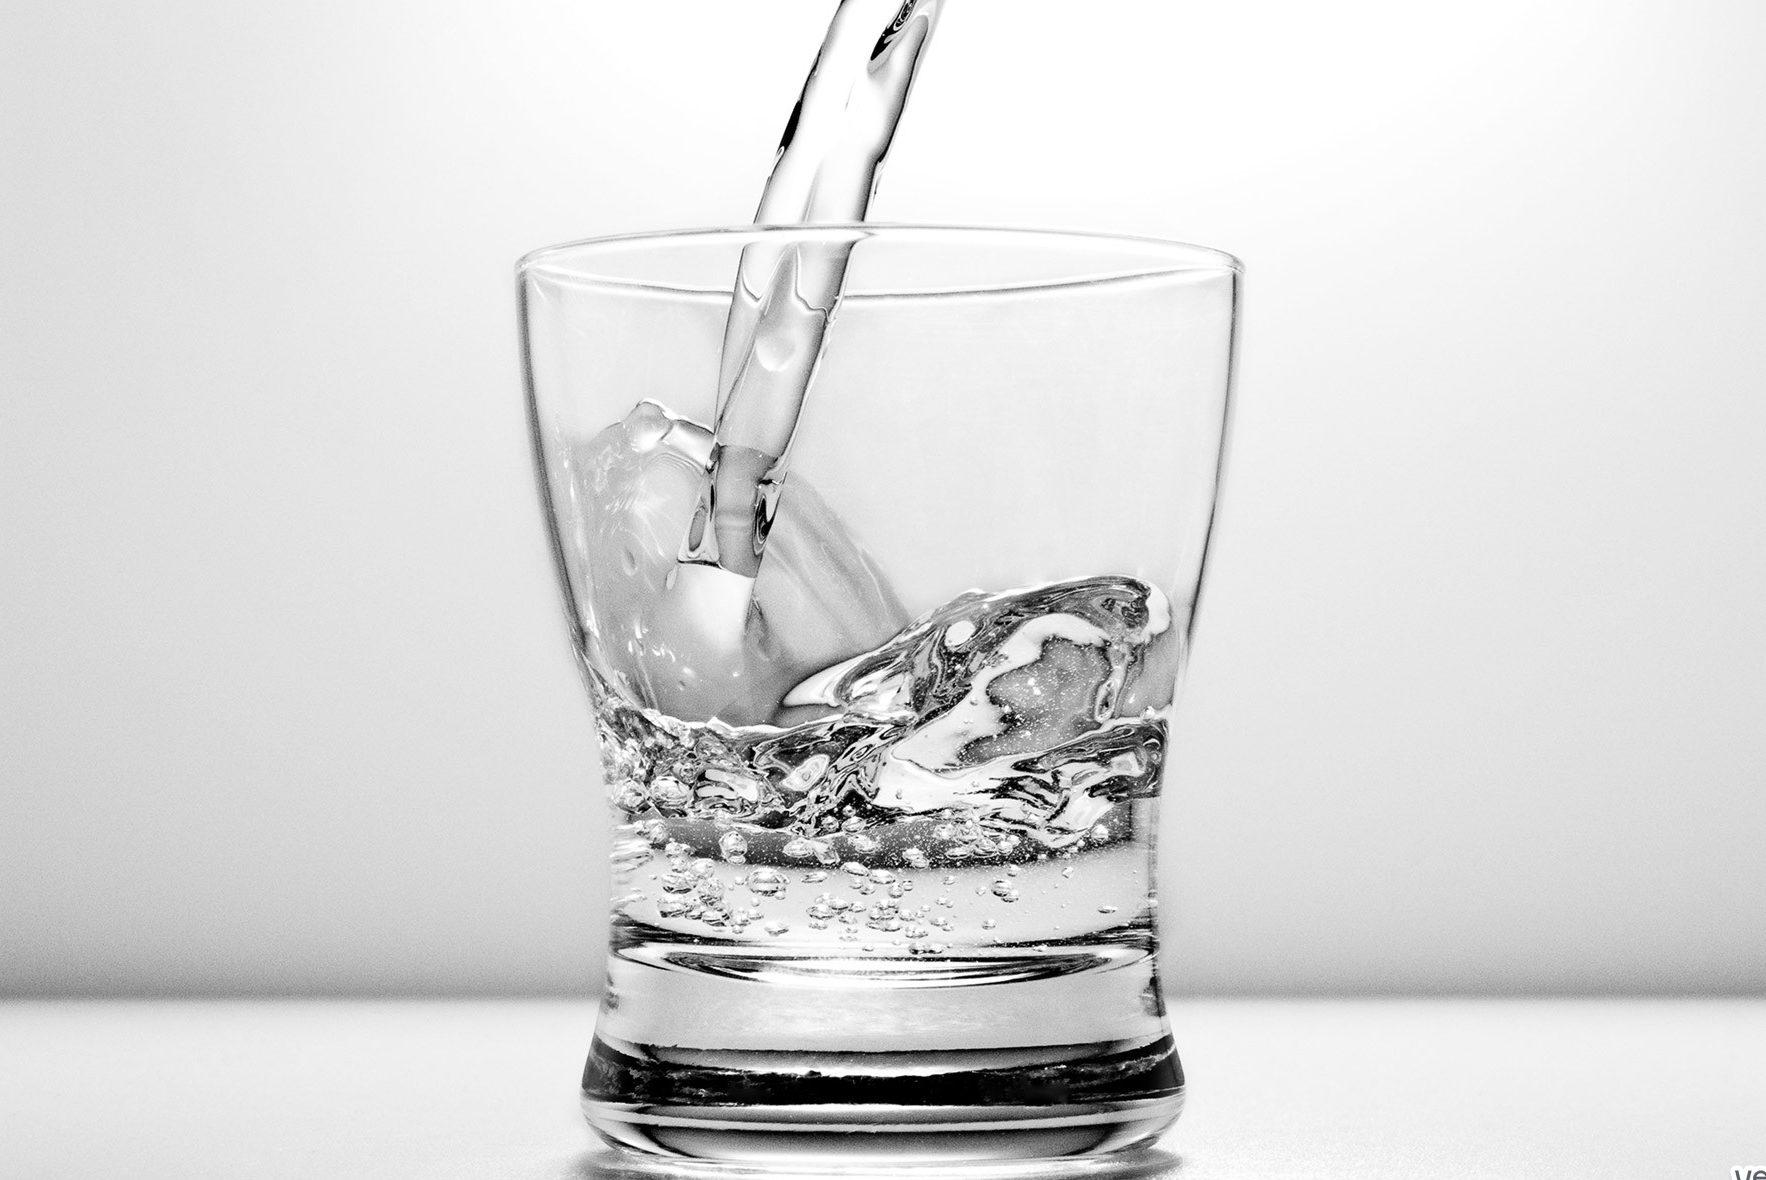 НаДнепропетровщине ототравления водкой скончался мужчина, еще 7 человек отправлены вмедучереждение